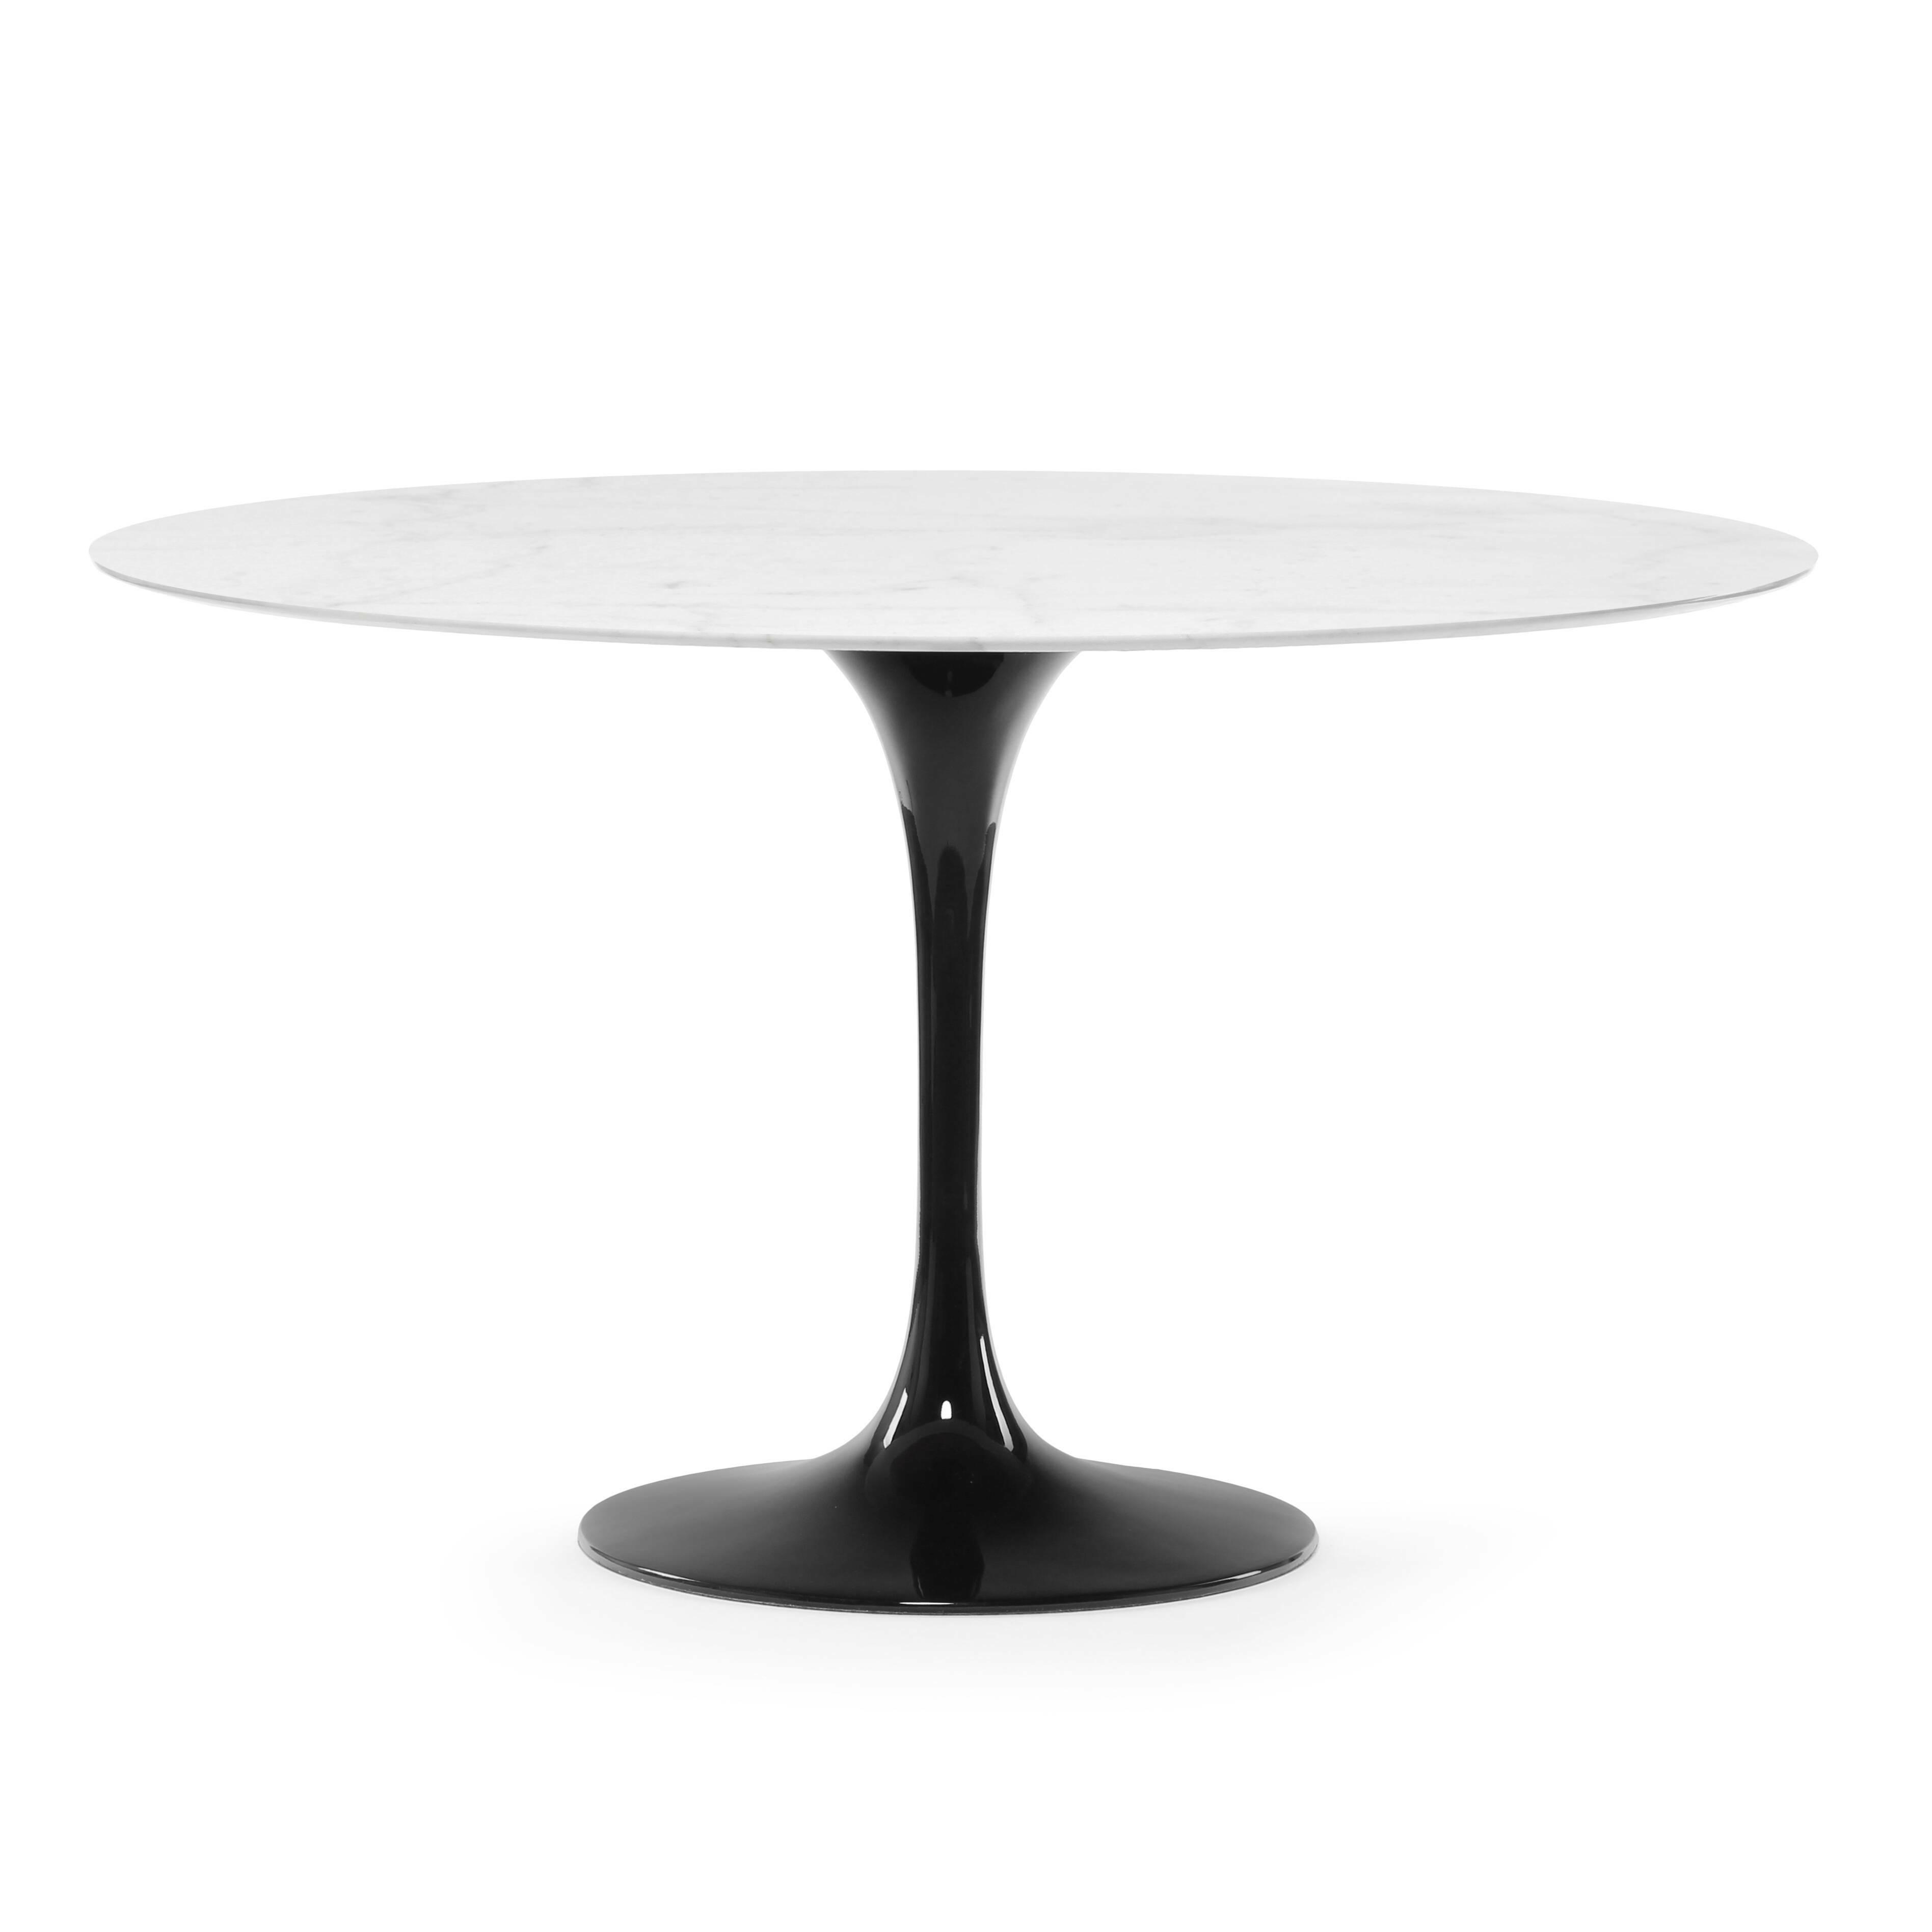 Обеденный стол Tulip диаметр 122Обеденные<br>Дизайнерская глянцевый белый обеденный стол Tulip (Тулип) овальный на одной ножке с мраморной столещницей от Cosmo (Космо).У каждого знаменитого дизайнера прошлого столетия есть своя «формула вечного дизайна», а значит, есть и произведения дизайнерского искусства, которые уже много лет не выходят из моды, не теряют своей актуальности и востребованы по сей день. Стол Tulip как раз был разработан при помощи такой формулы, которую вывел Ээро Сааринен. Изящная ножка-тюльпан и круглая столешница, ...<br><br>stock: 2<br>Высота: 72<br>Диаметр: 122<br>Цвет ножек: Черный глянец<br>Цвет столешницы: Белый<br>Материал столешницы: Мрамор китайский<br>Тип материала столешницы: Мрамор<br>Тип материала ножек: Алюминий